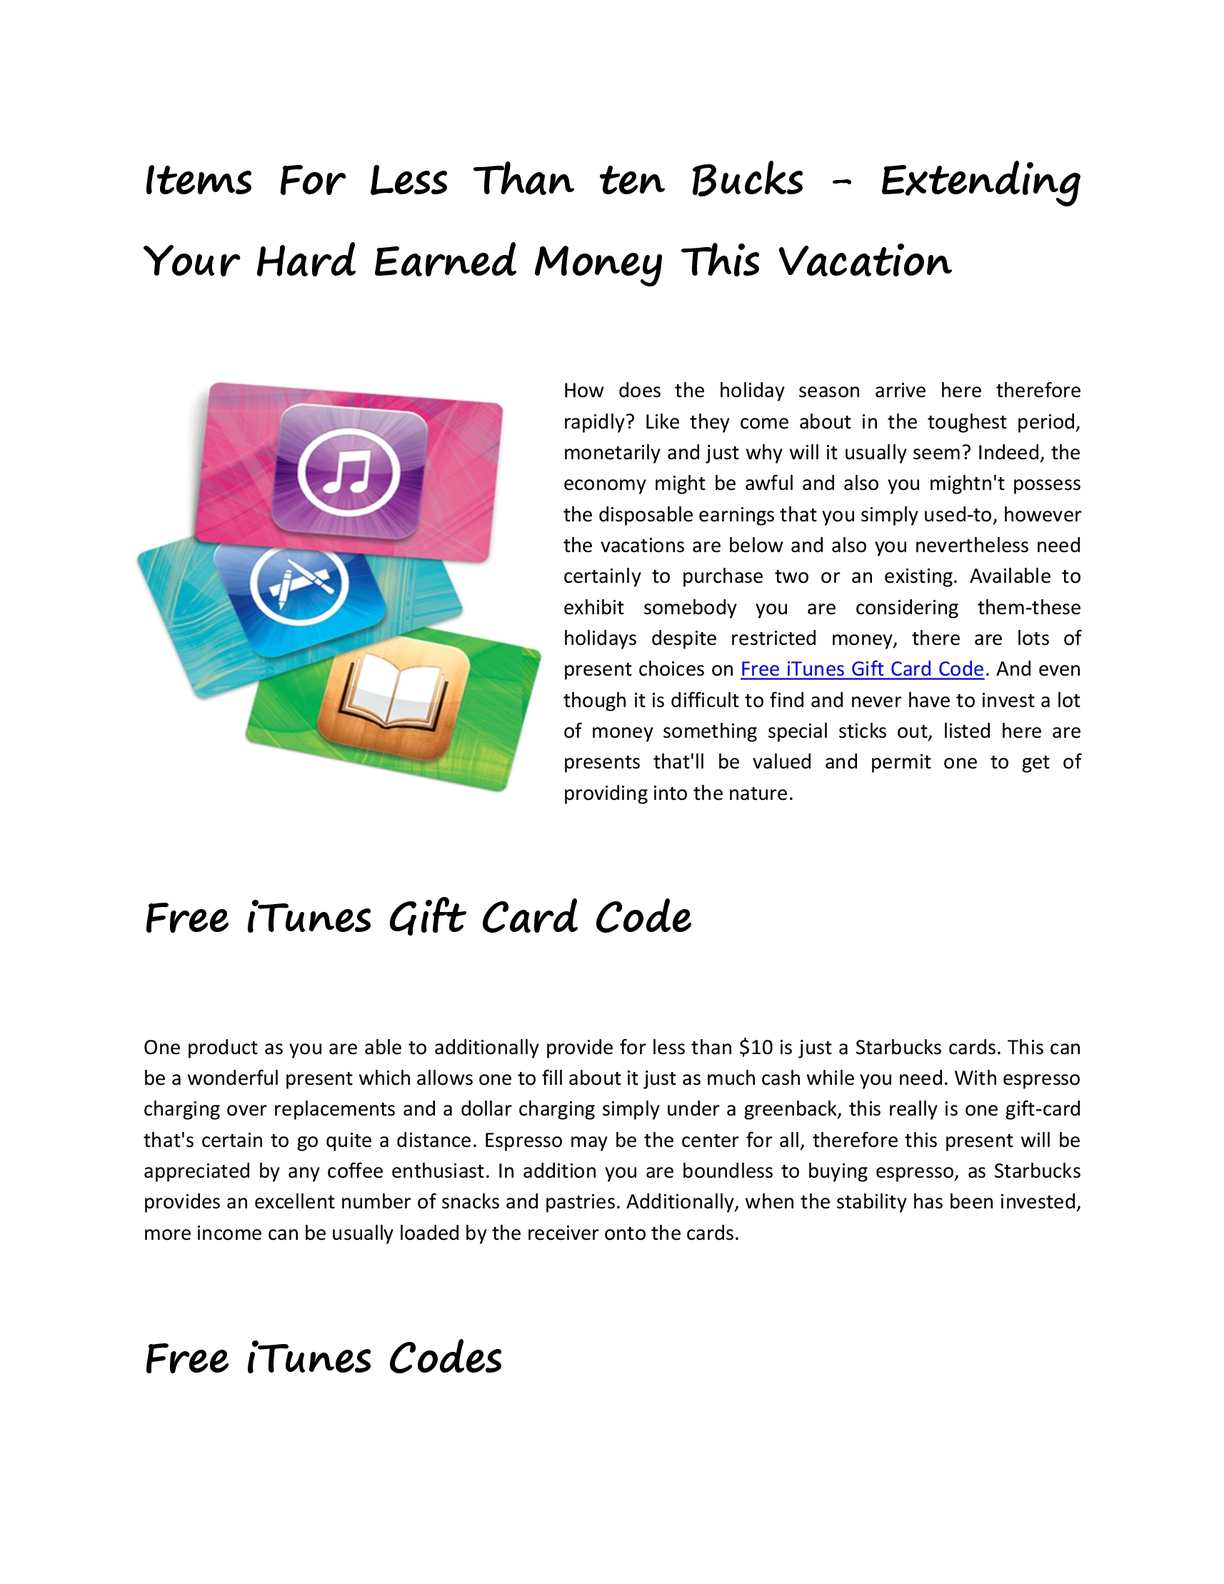 Calaméo - Free iTunes Gift Card Code